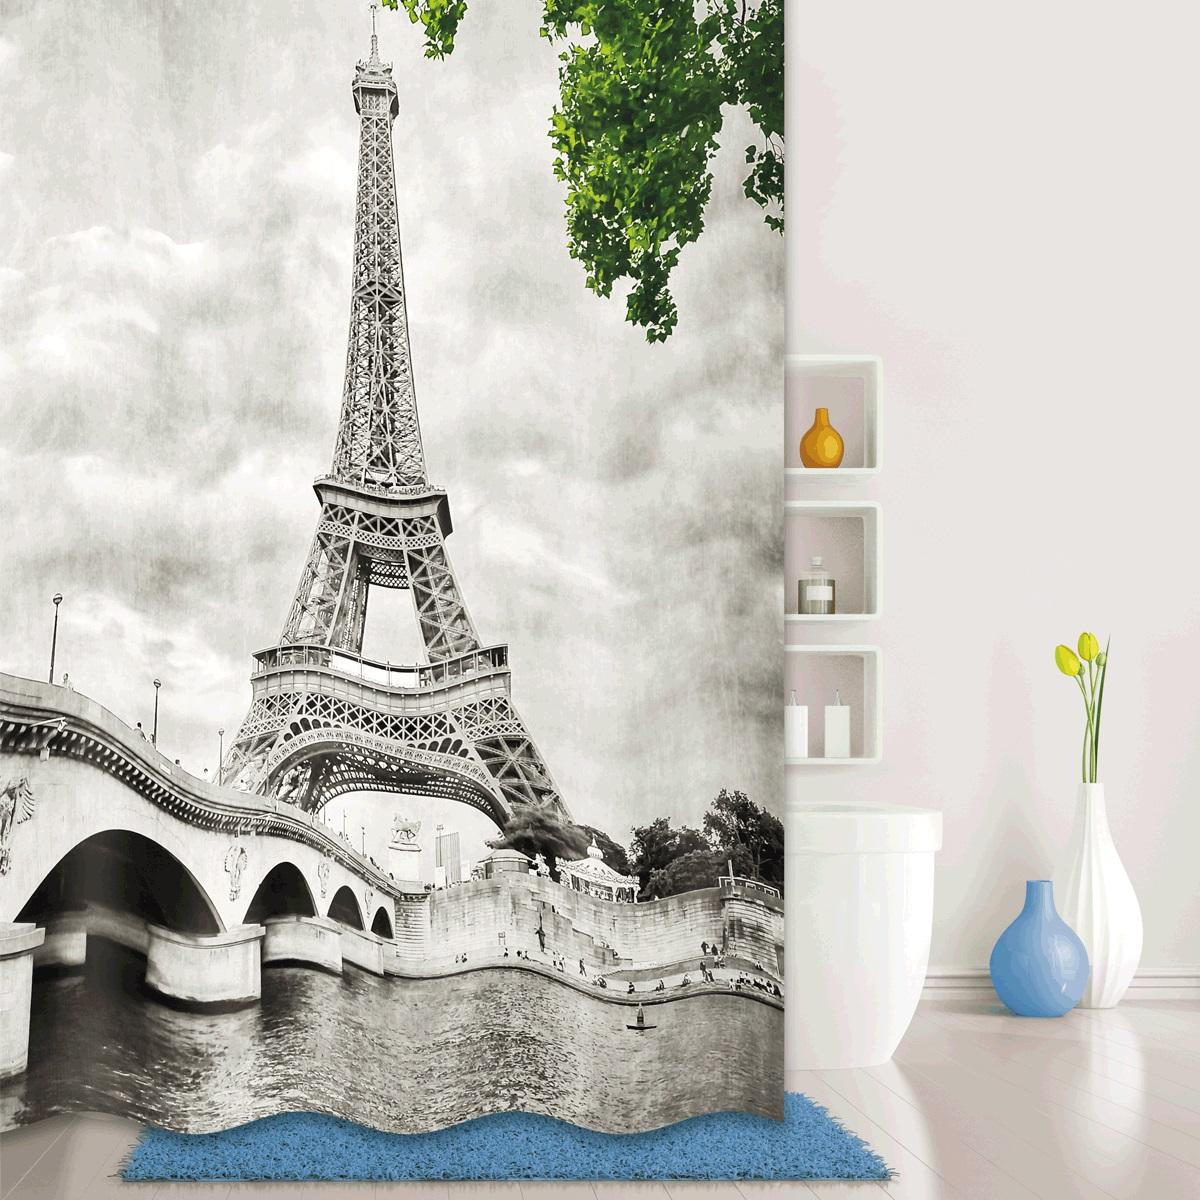 Штора для ванной Iddis Paris Days, цвет: серый, 180 x 200 см541P18Ri11Mатериал: текстиль, 100% полиэстер, плотность 110 г/м, водоотталкивающая пропитка, встроенные кольца для крепления к карнизу (hookless), упаковка ПВХ пакет